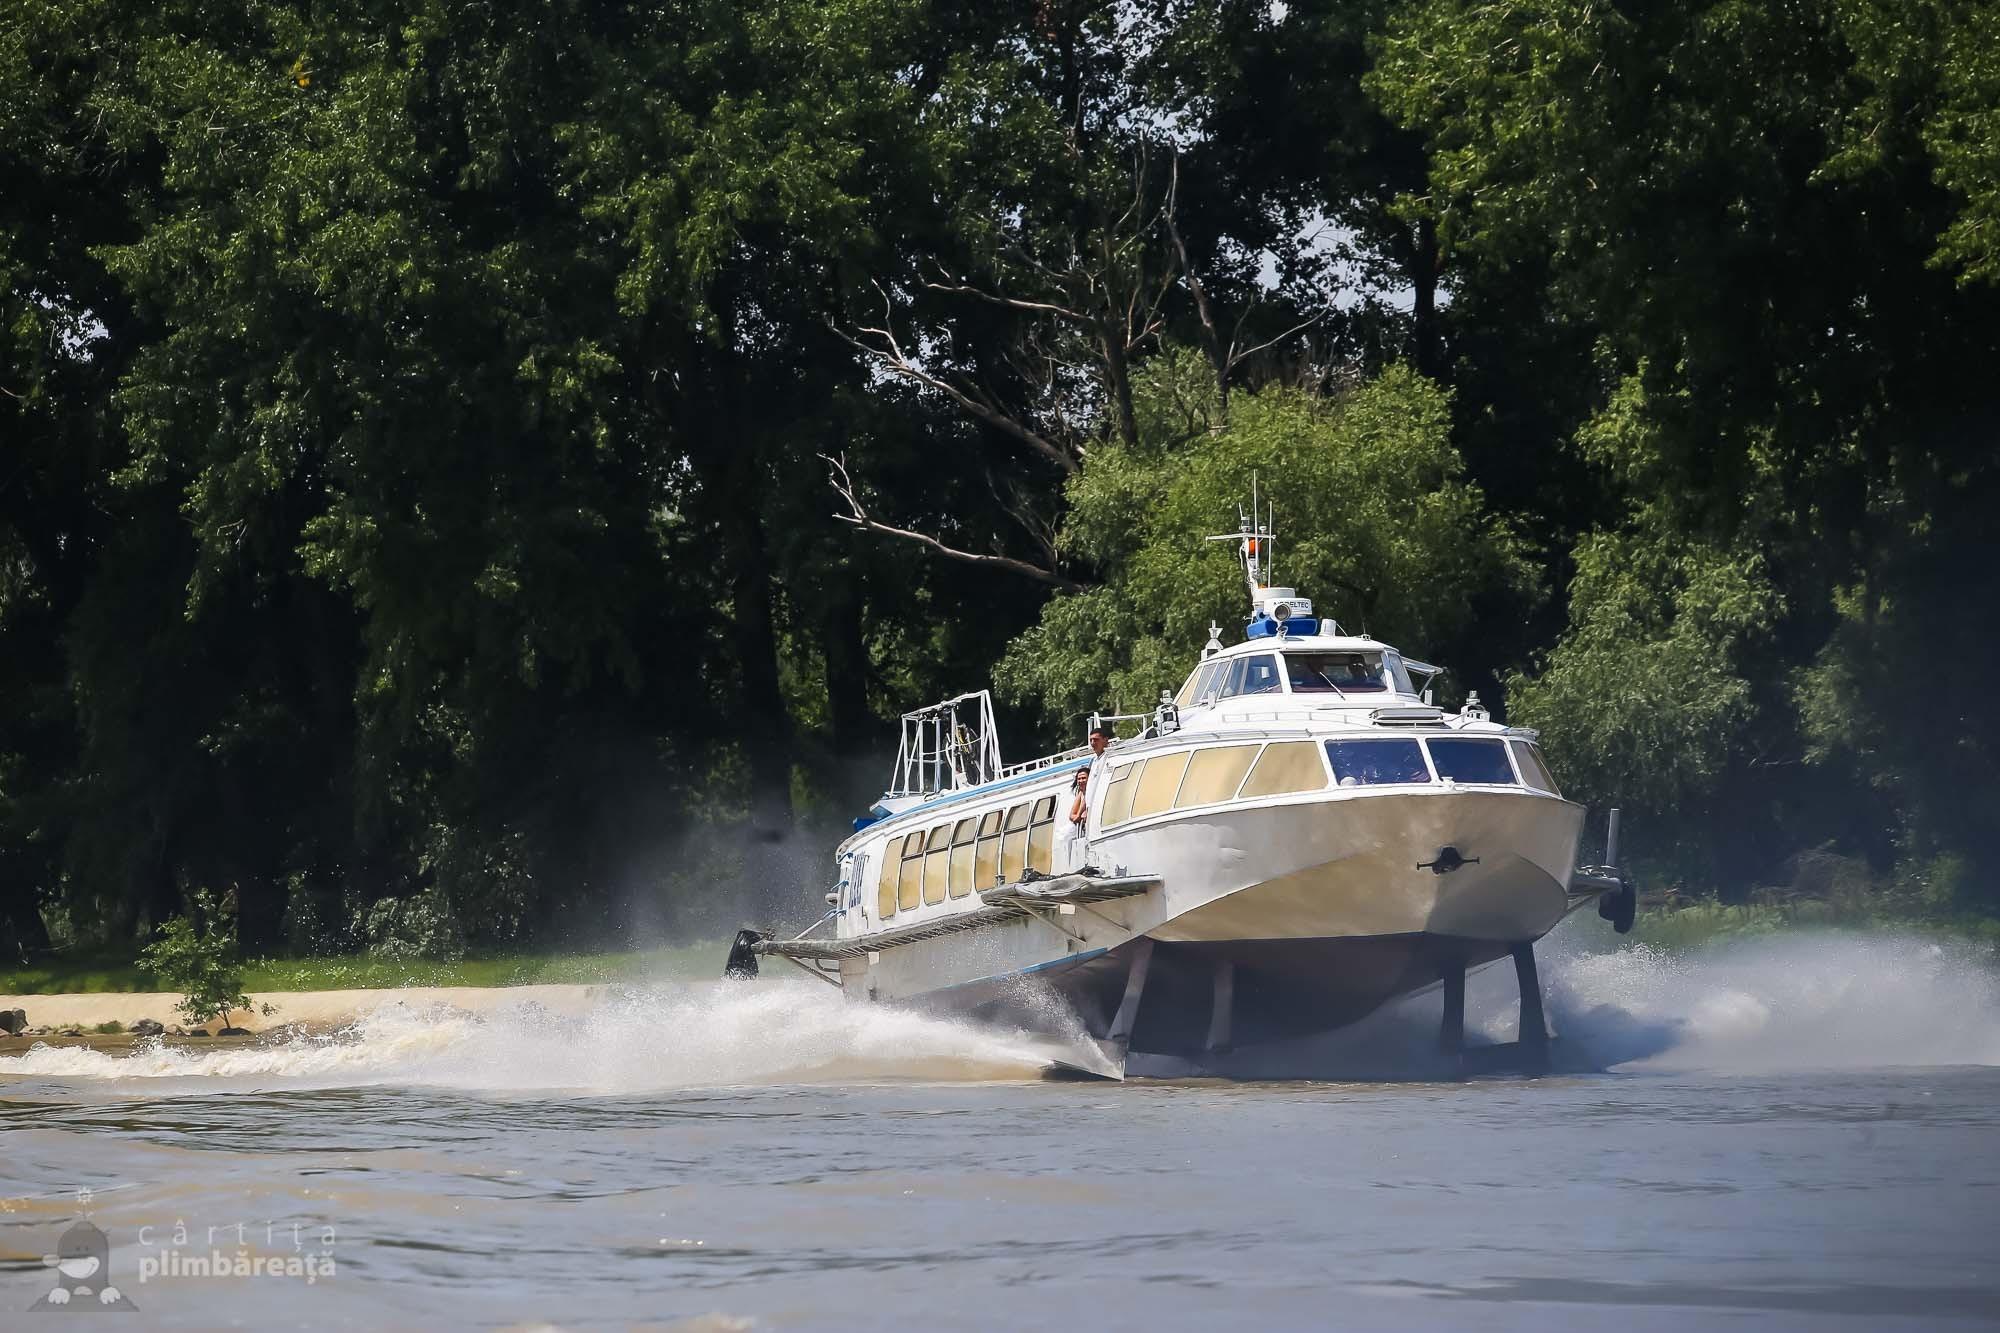 Una din putinele, daca nu chiar singura nava rapida din Delta.